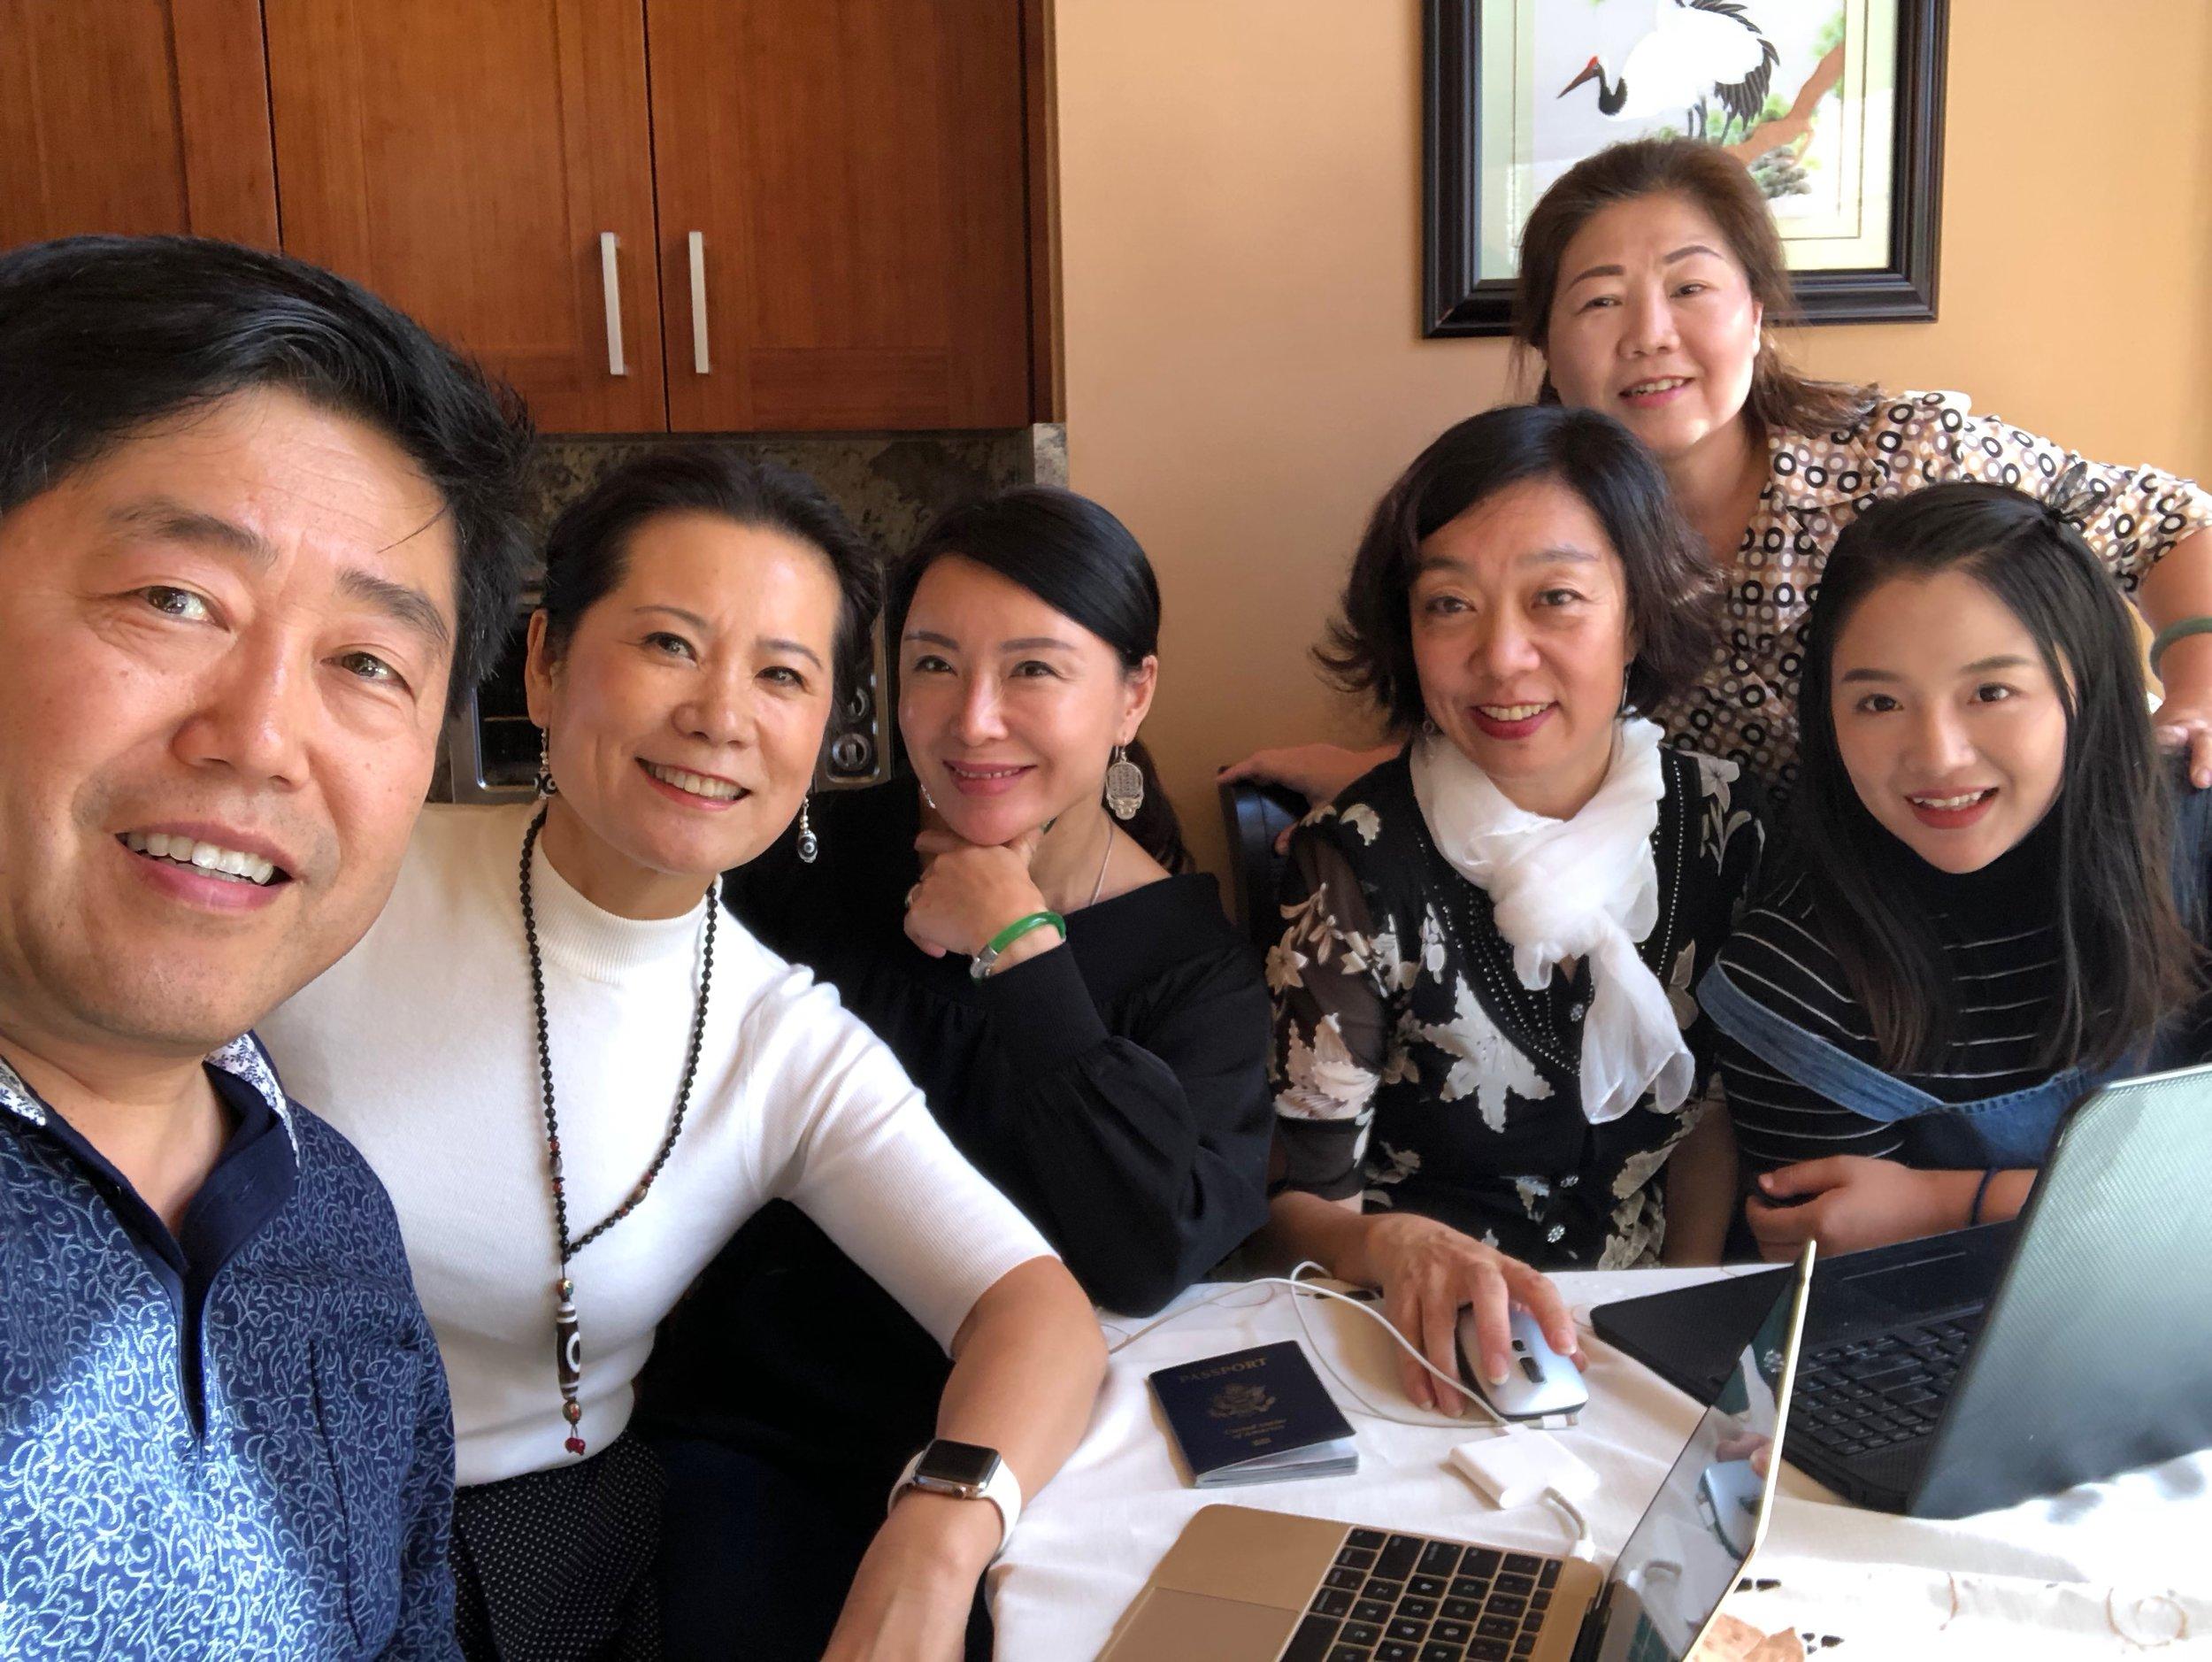 参加会议的人(左起):主播有浩瀚大海、主编木子、主播璇子、主播雅奇、主播崔萍、主播九月。